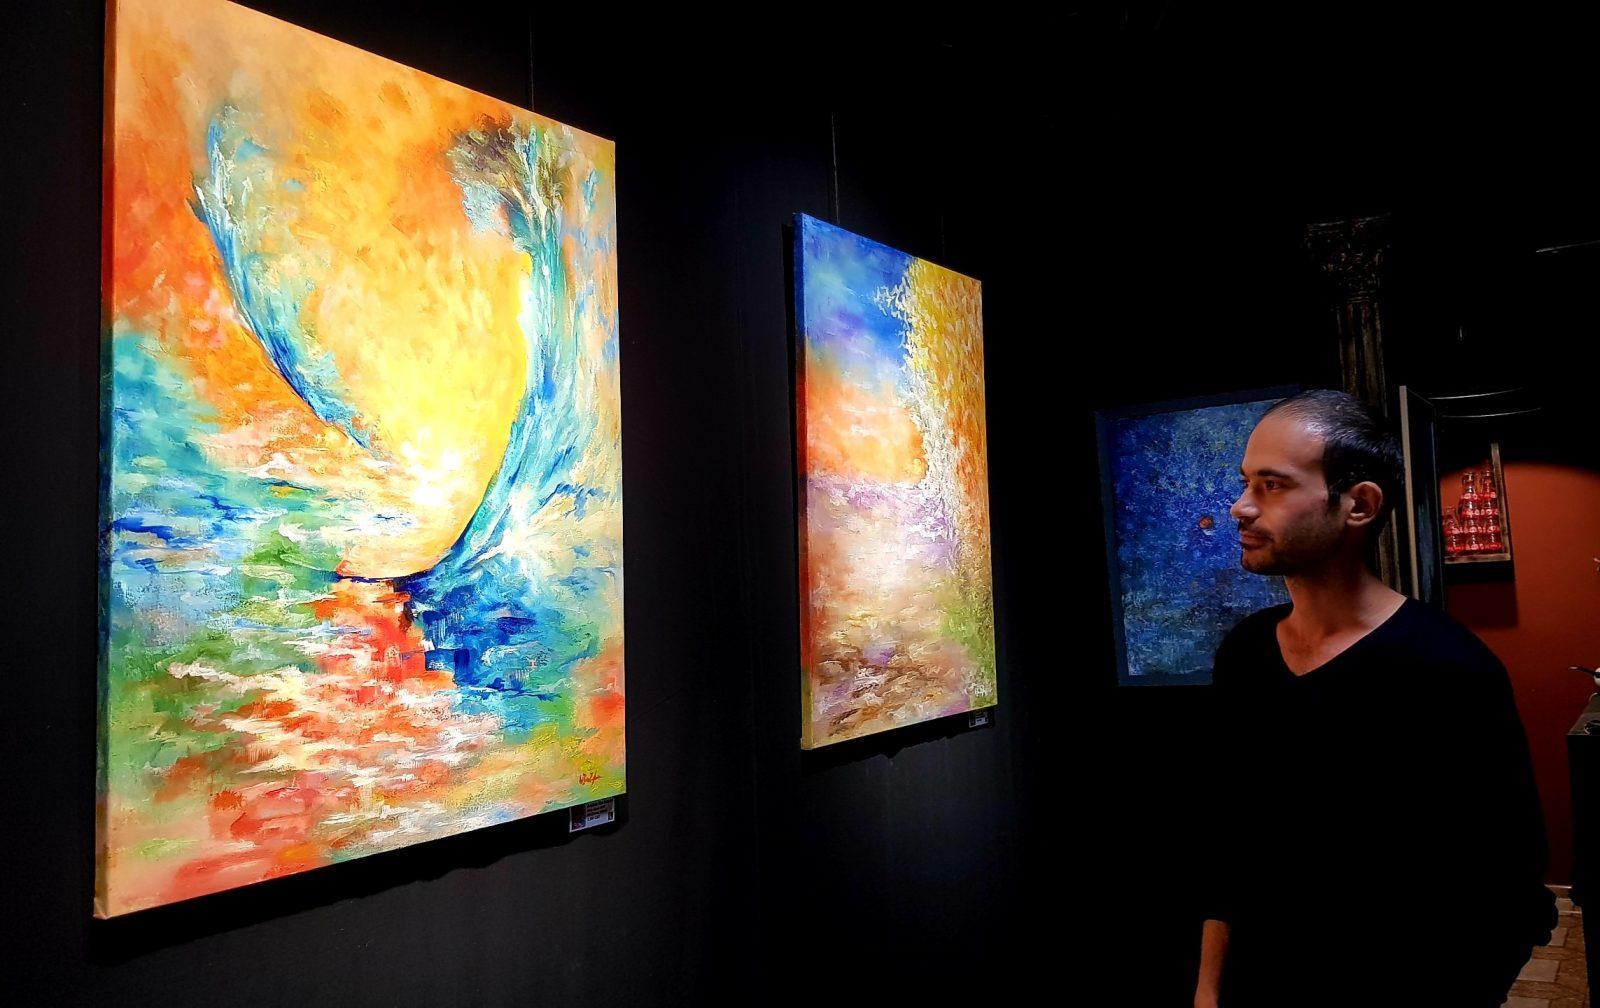 Նկարելով եմ խոսում մարդկանց հետ. Անանիա Քոչարյանի ցուցահանդեսը